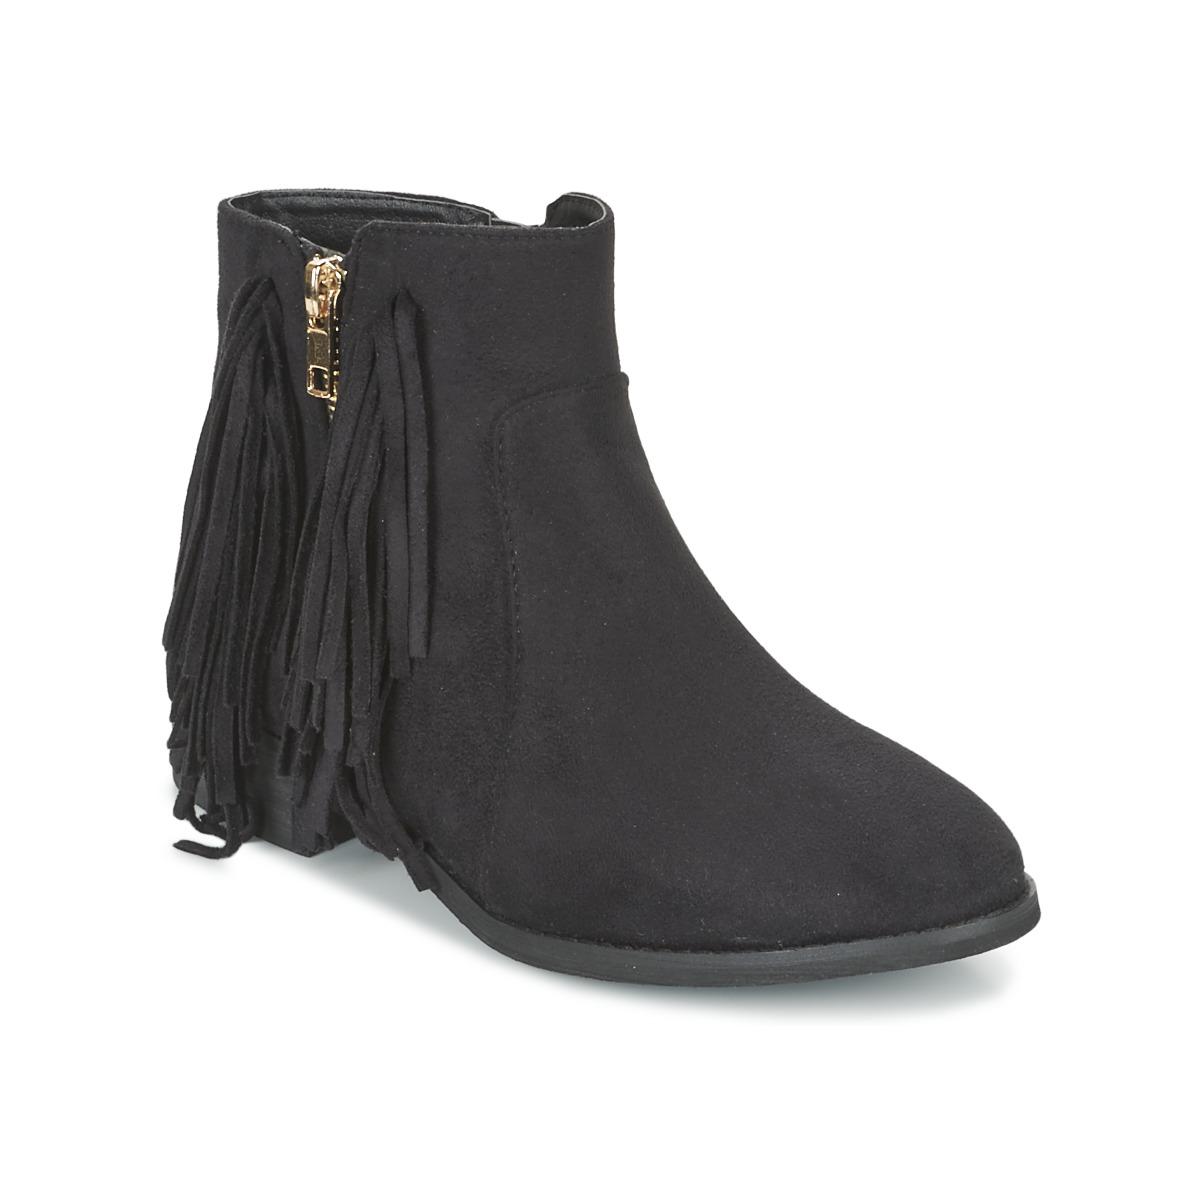 Elue par nous VOPFOIN Schwarz - Kostenloser Versand bei Spartoode ! - Schuhe Boots Damen 42,00 €